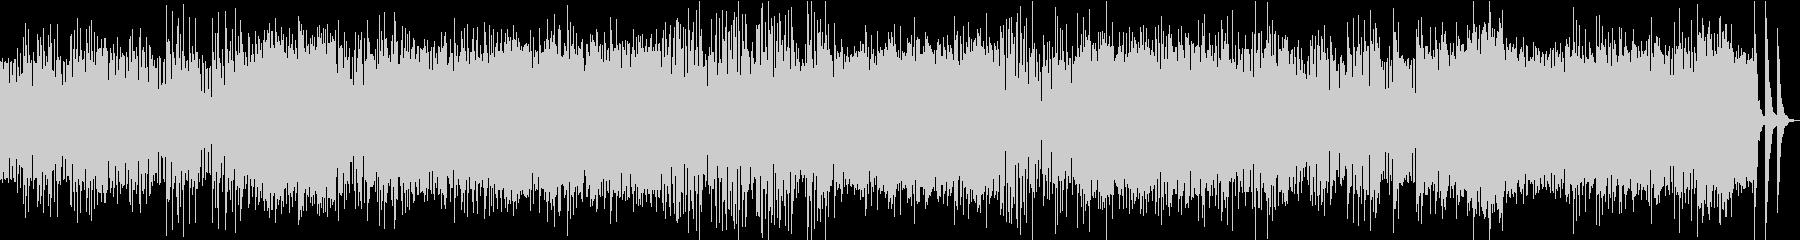 パスピエ - ドビュッシー・ソフトピアノの未再生の波形